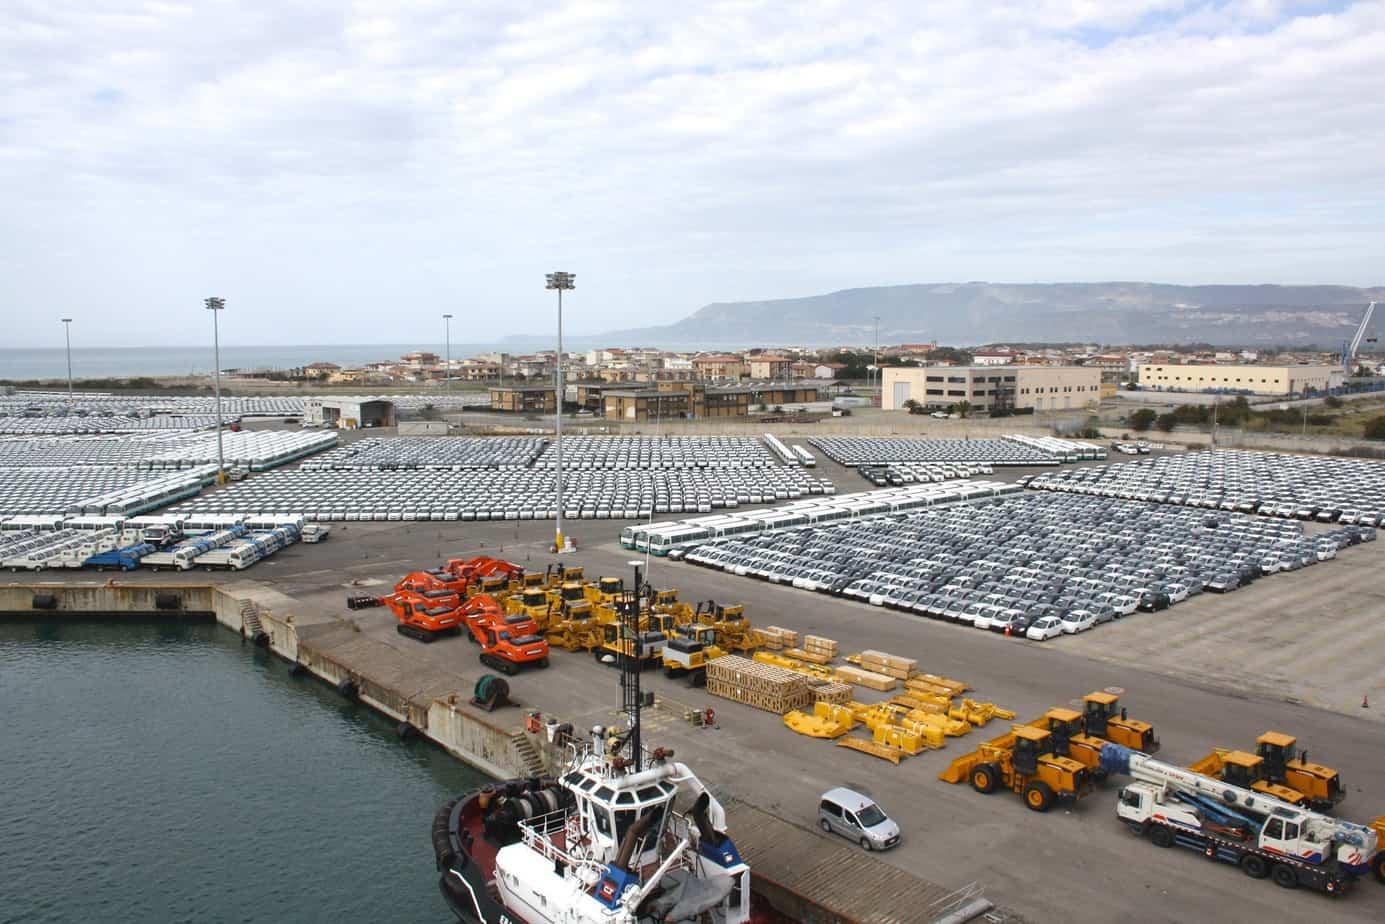 Il terminal automobilistico ha movimentato, nel 2013, oltre 200.000 veicoli